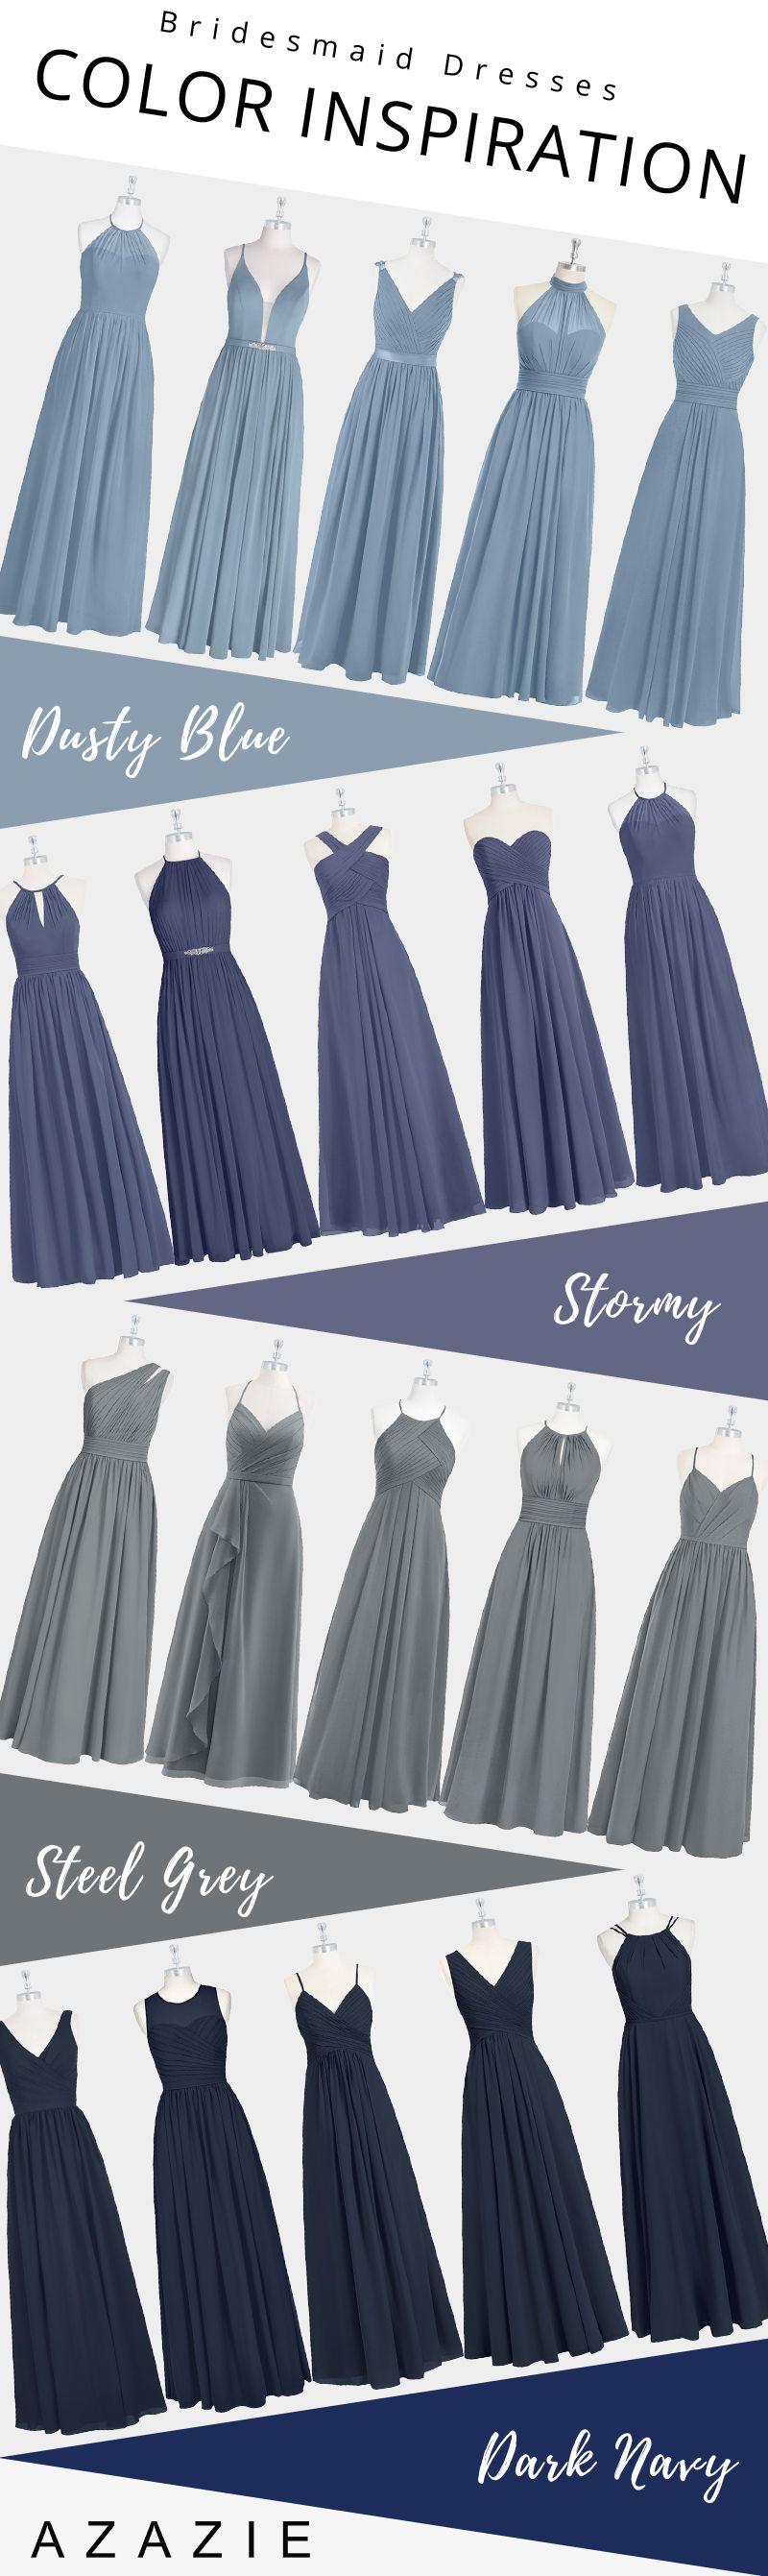 Blue Mismatched Bridesmaid Dresses Dusty Blue Bridesmaid Dresses Bridesmaid Dress Styles Dresses [ 2682 x 800 Pixel ]